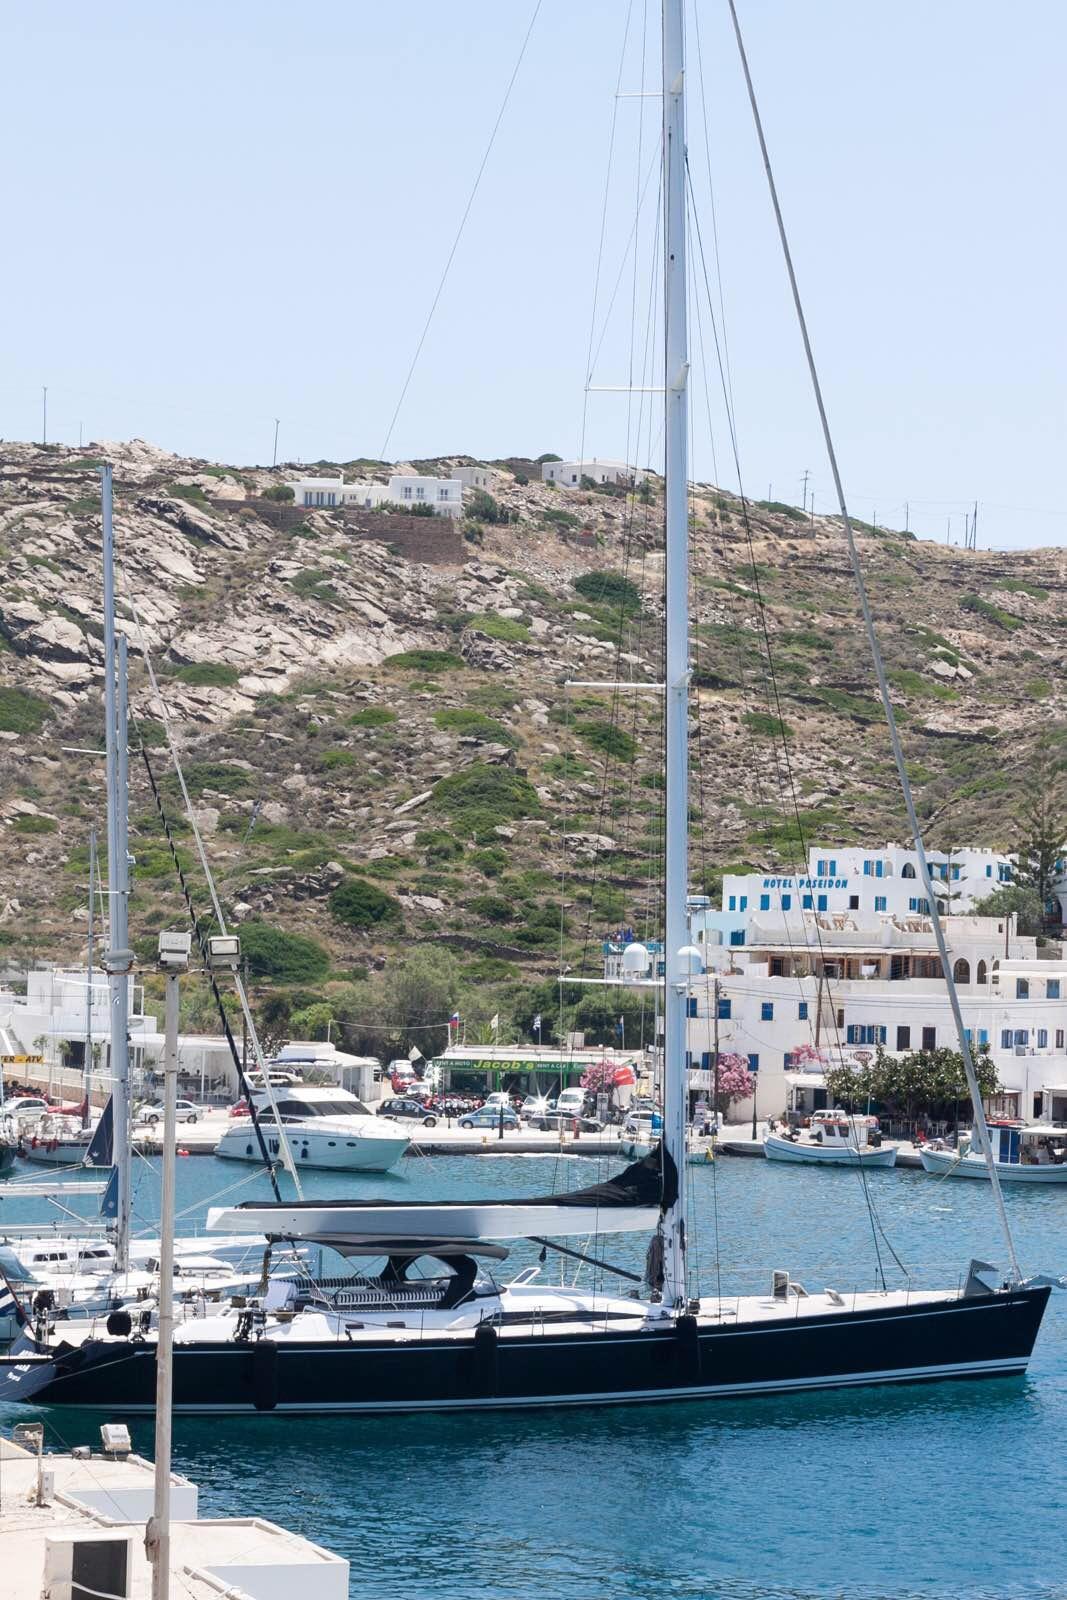 告别圣托里尼之后,我们即将前往爱琴海上的另一颗明珠——米克诺斯岛.